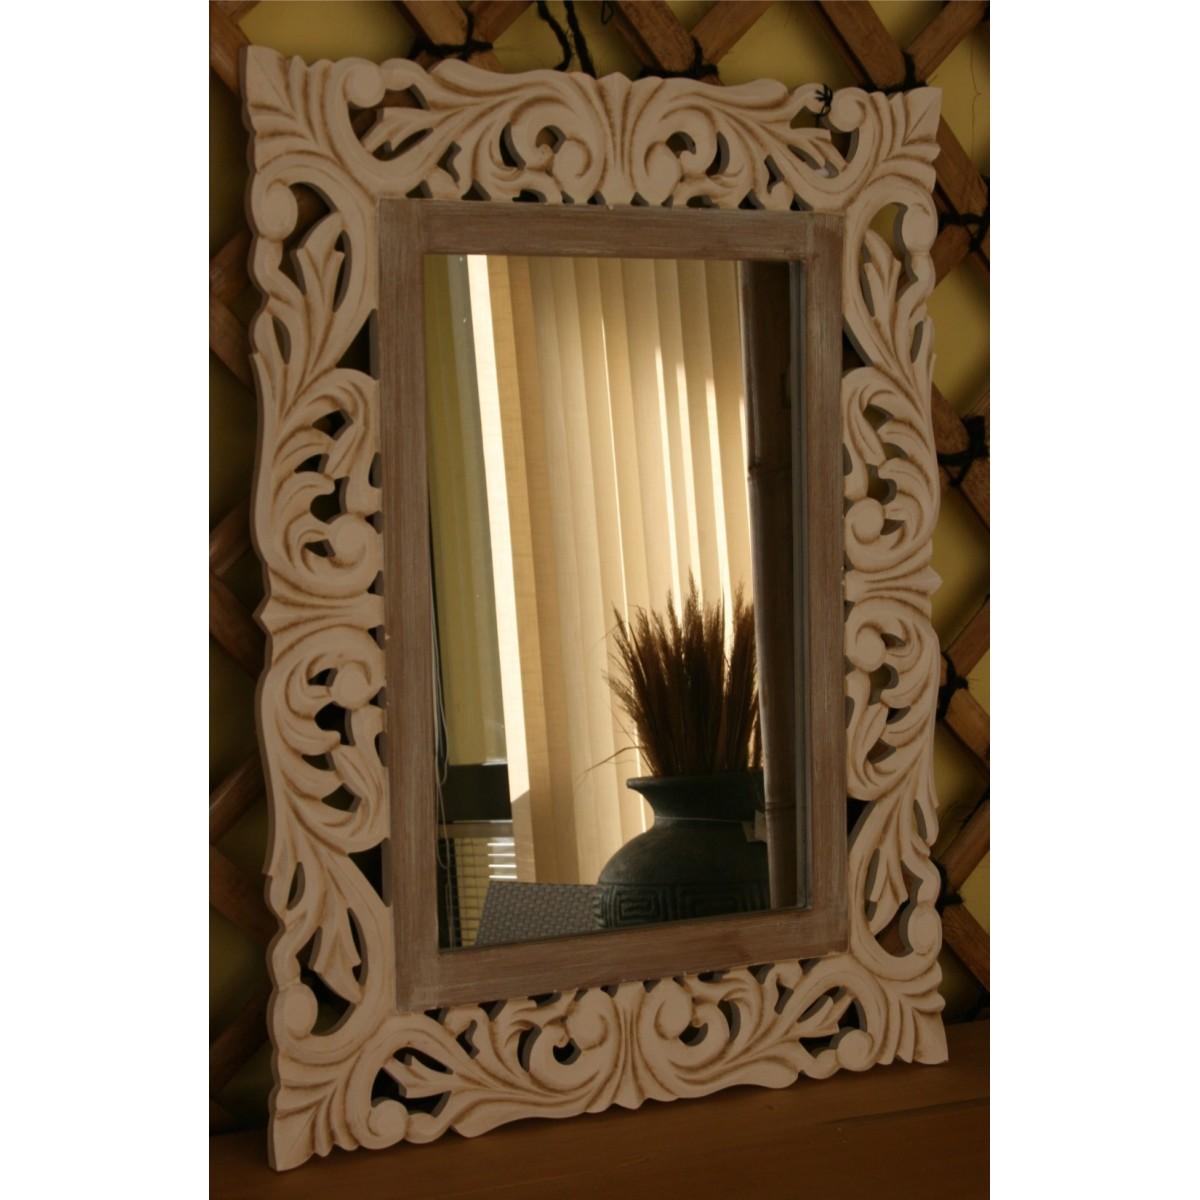 Specchio in legno con cornice intarsiata a mano